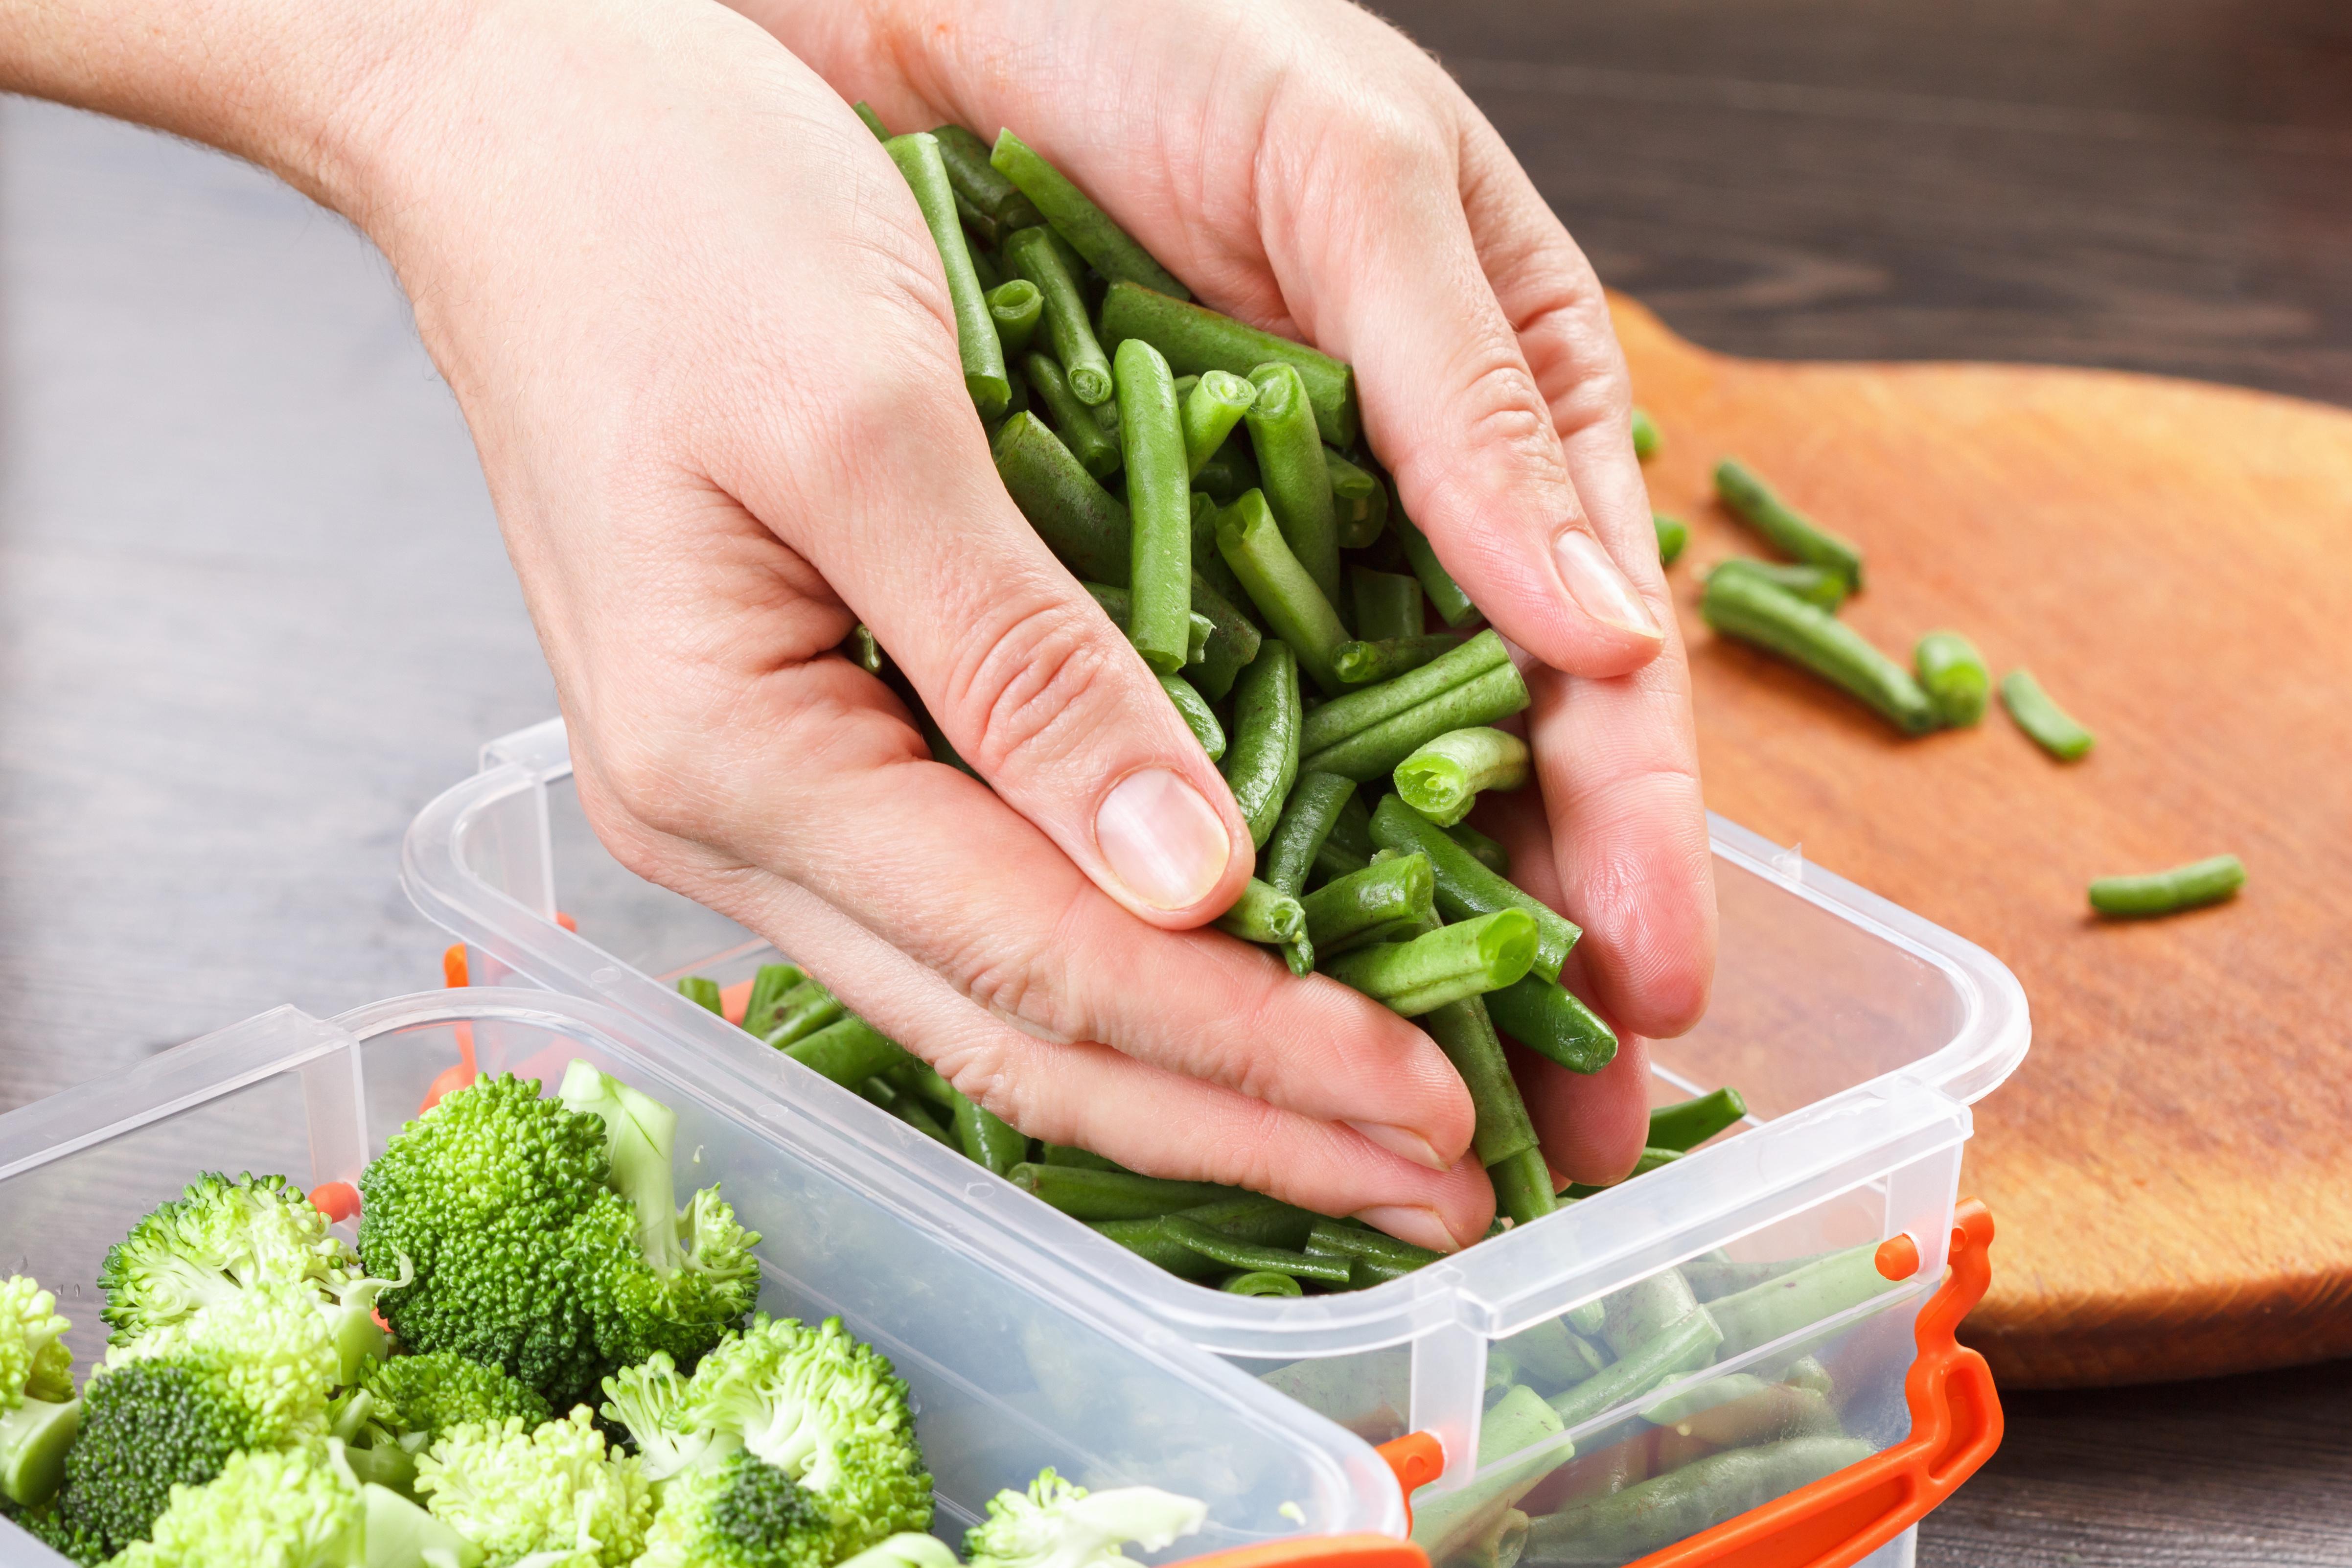 Klein geschnittene Bohnen werden in eine Gefrierbox per Hand gefüllt. Eine Box mit Brokkoli steht daneben